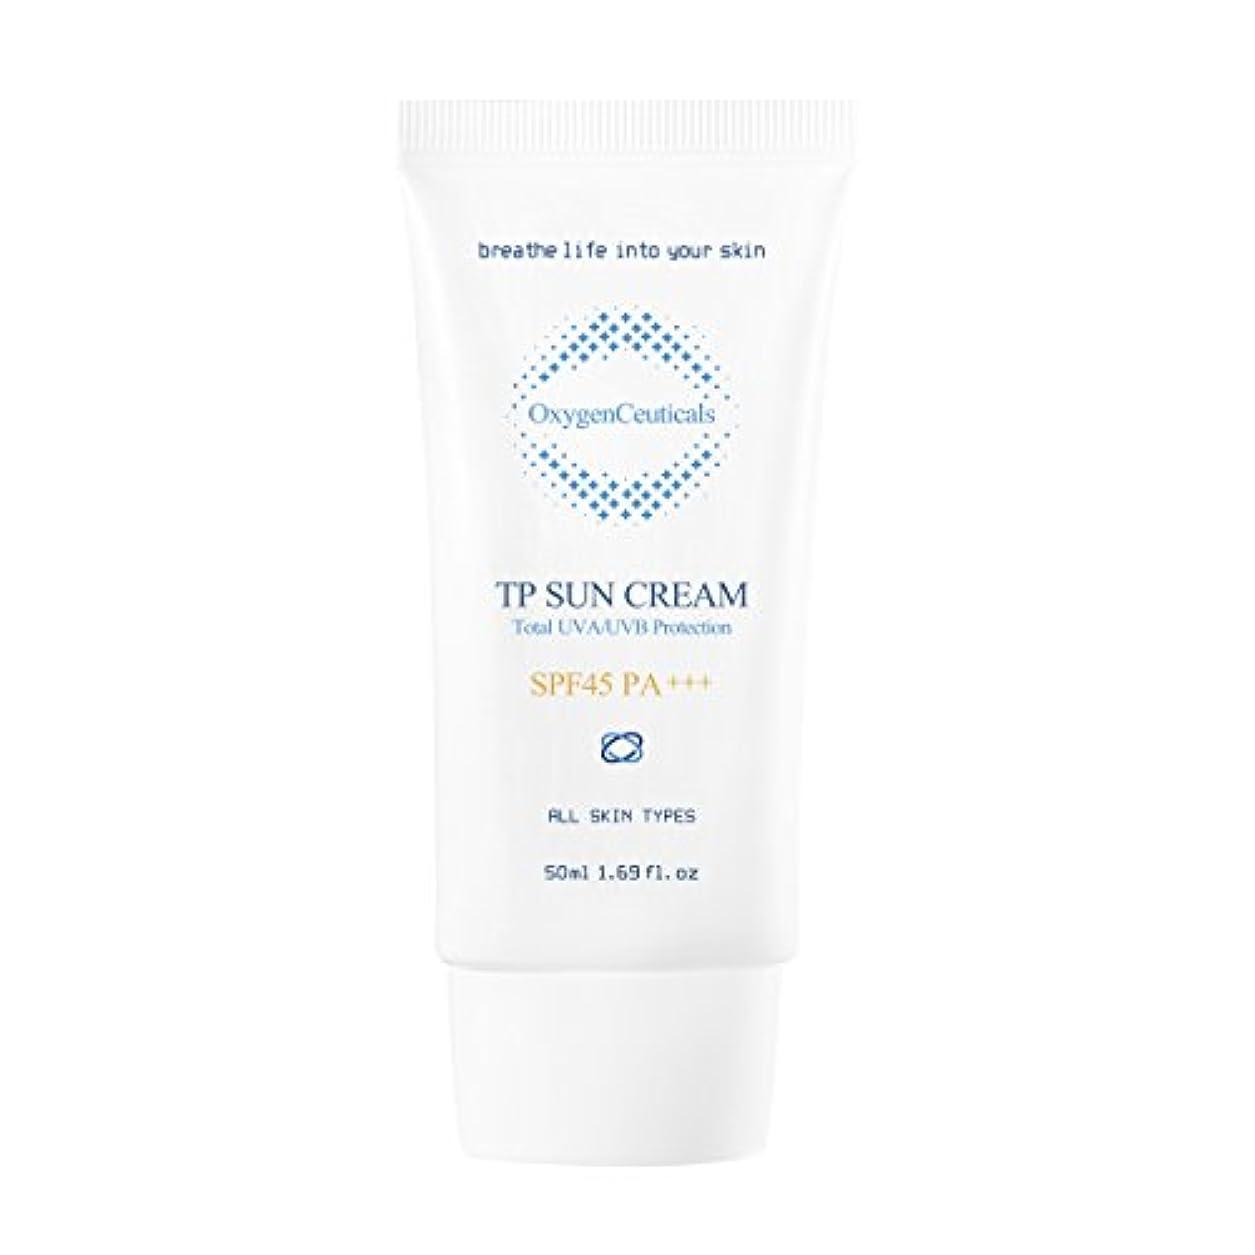 ズーム印象的ミトンオキシジェンシューティカルズ 酸素サンクリーム(保湿日焼け止め) 50ml. TP Sun Cream 50ml. [SPF45 PA+++] X Mask Pack 1p.